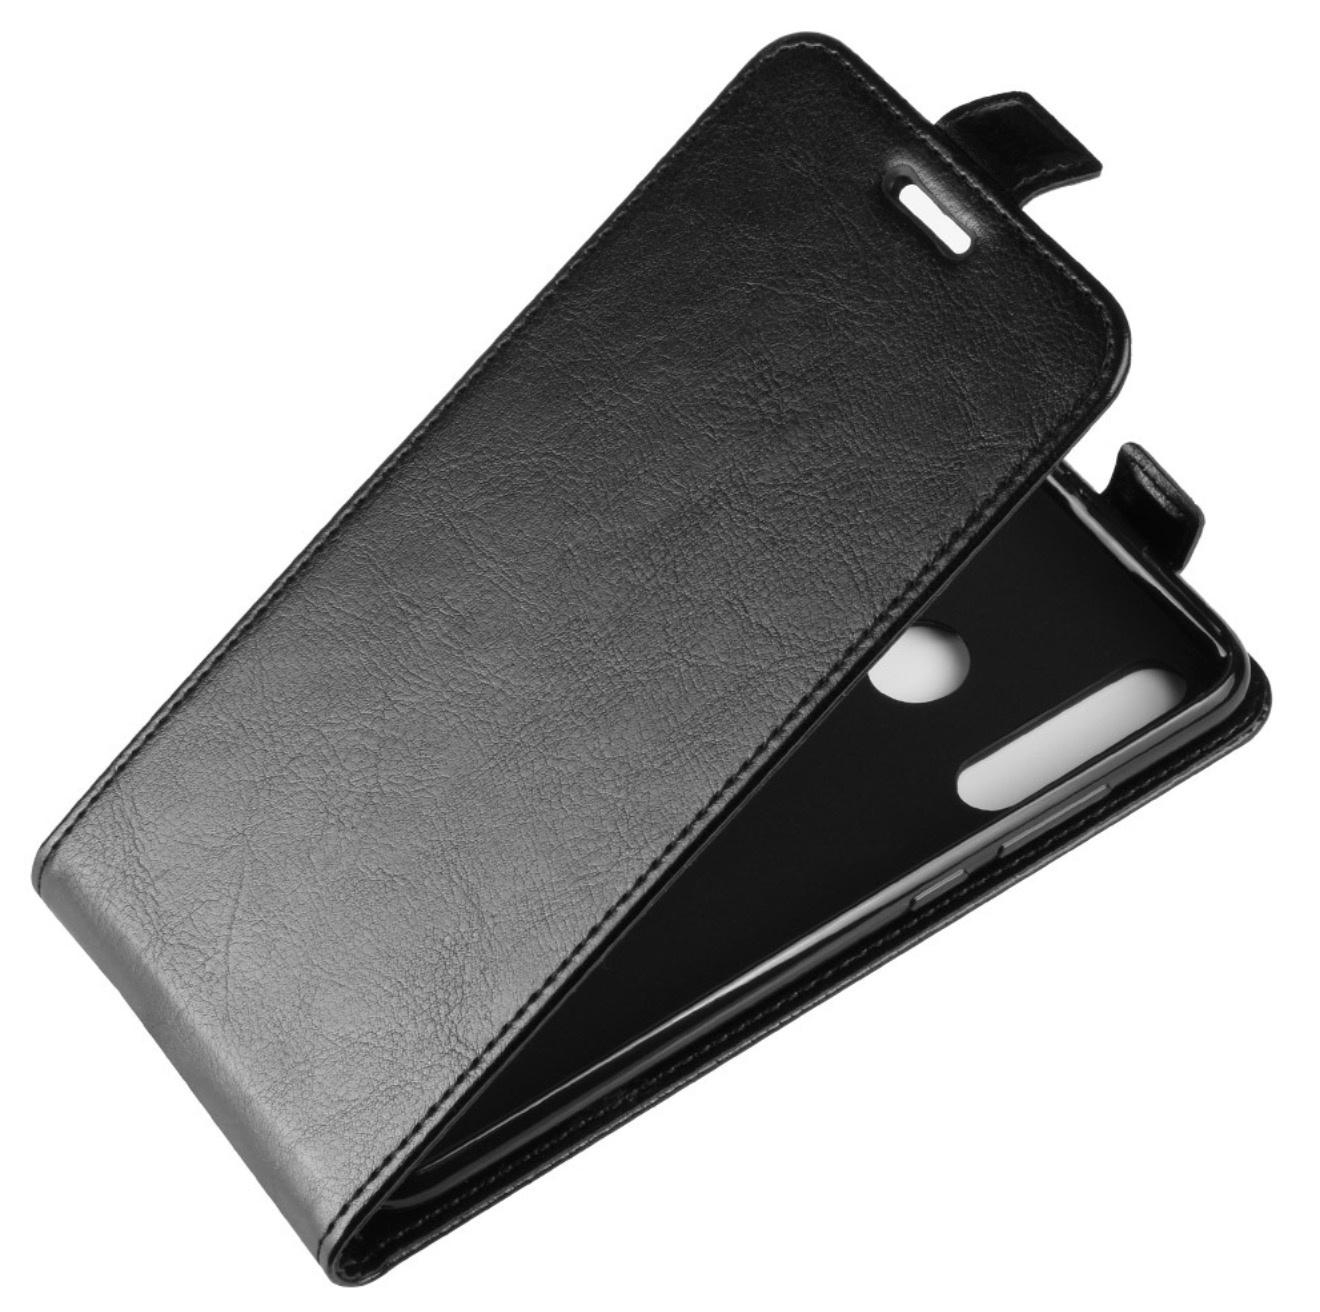 Чехол-флип MyPads для Jiayu G5/G5C/G5S вертикальный откидной черный